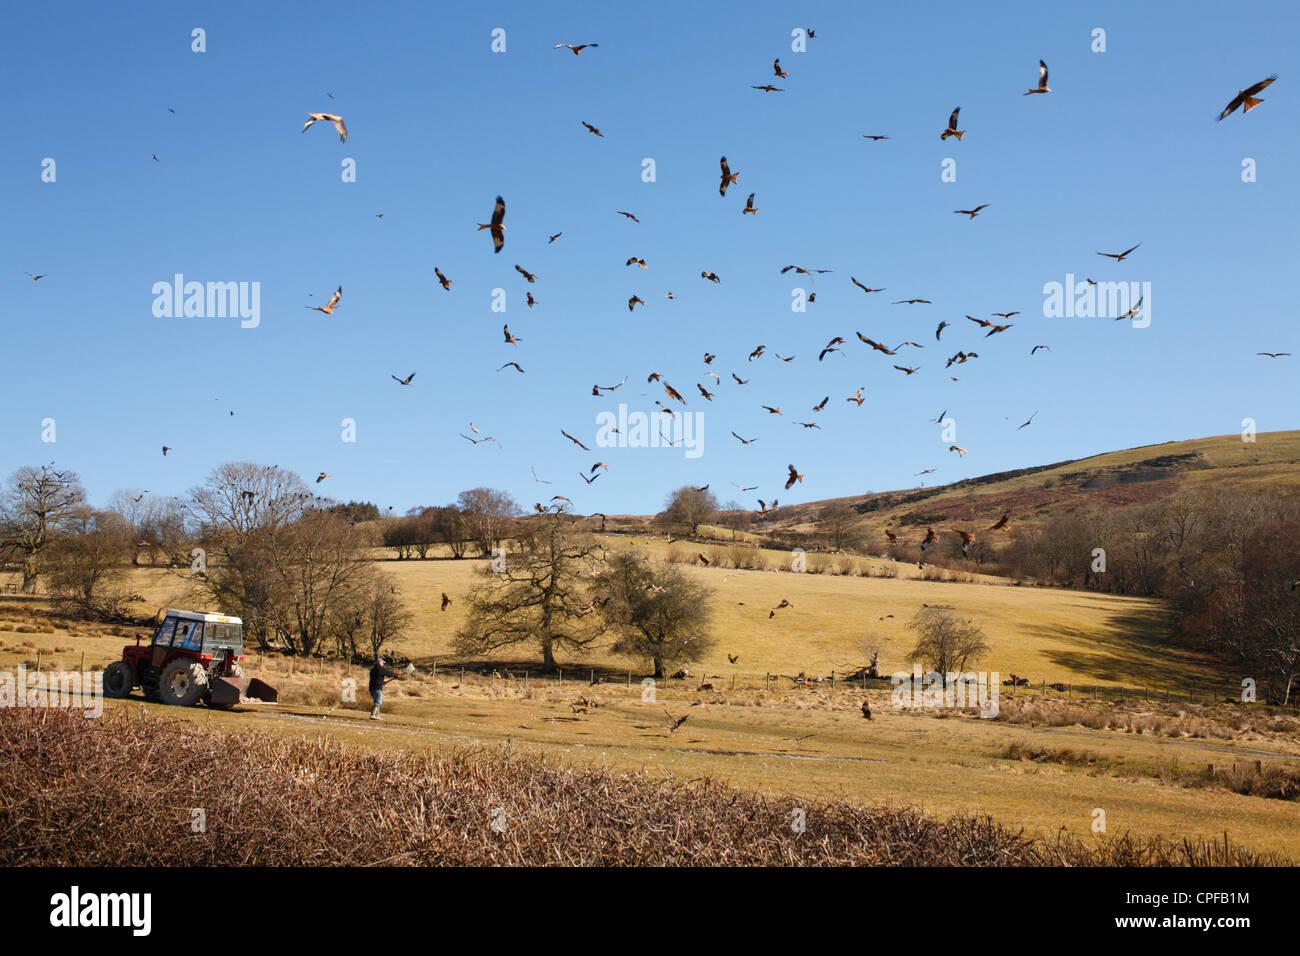 Cometas rojas (Milvus milvus) volando sobre la estación de carga en Gigrin granja como la alimentación se propaga. Powys, Gales. Foto de stock